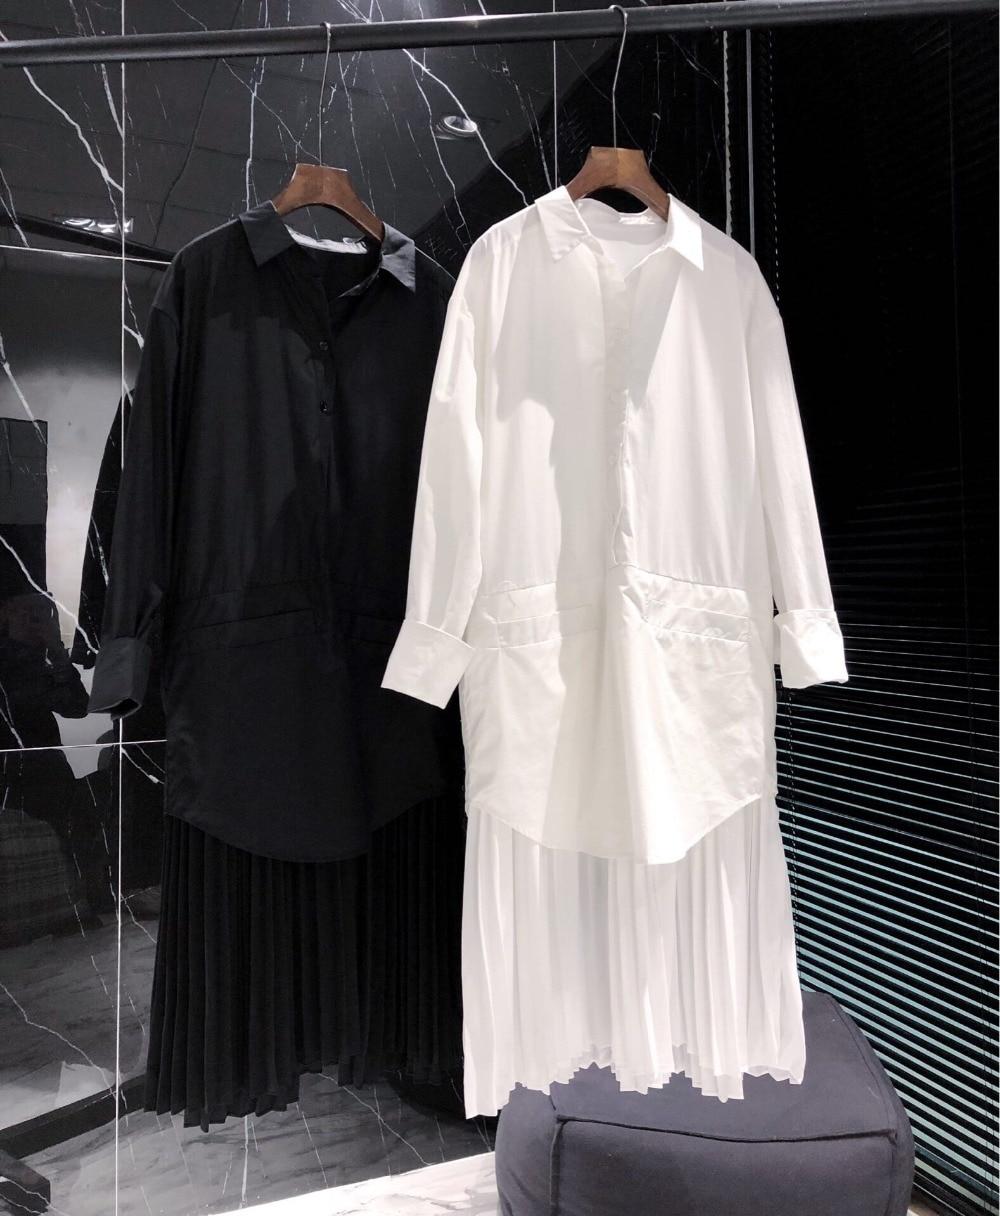 À Décontracté Manches Ddxgz3 Robe Couleur Nouveau Femmes Longues 2 Plissée 2019 Printemps T53ul1JKFc